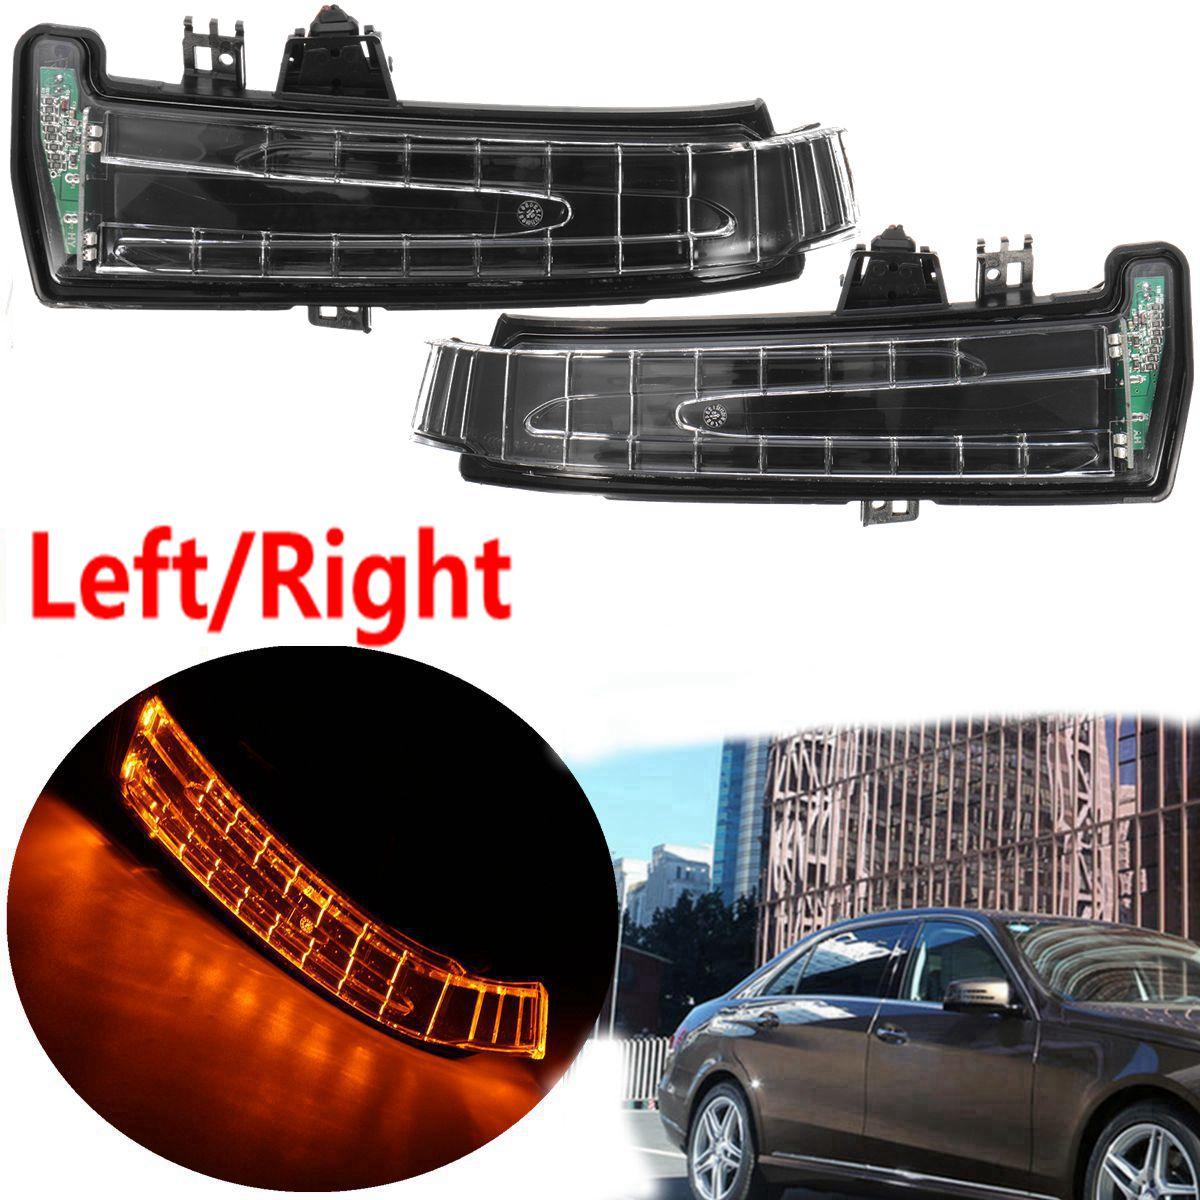 Par Indicador de Sinal de Volta Da Lâmpada Espelho Retrovisor Do Carro Lente Luz Para Mercedes W204 W212 W221 2010-2013